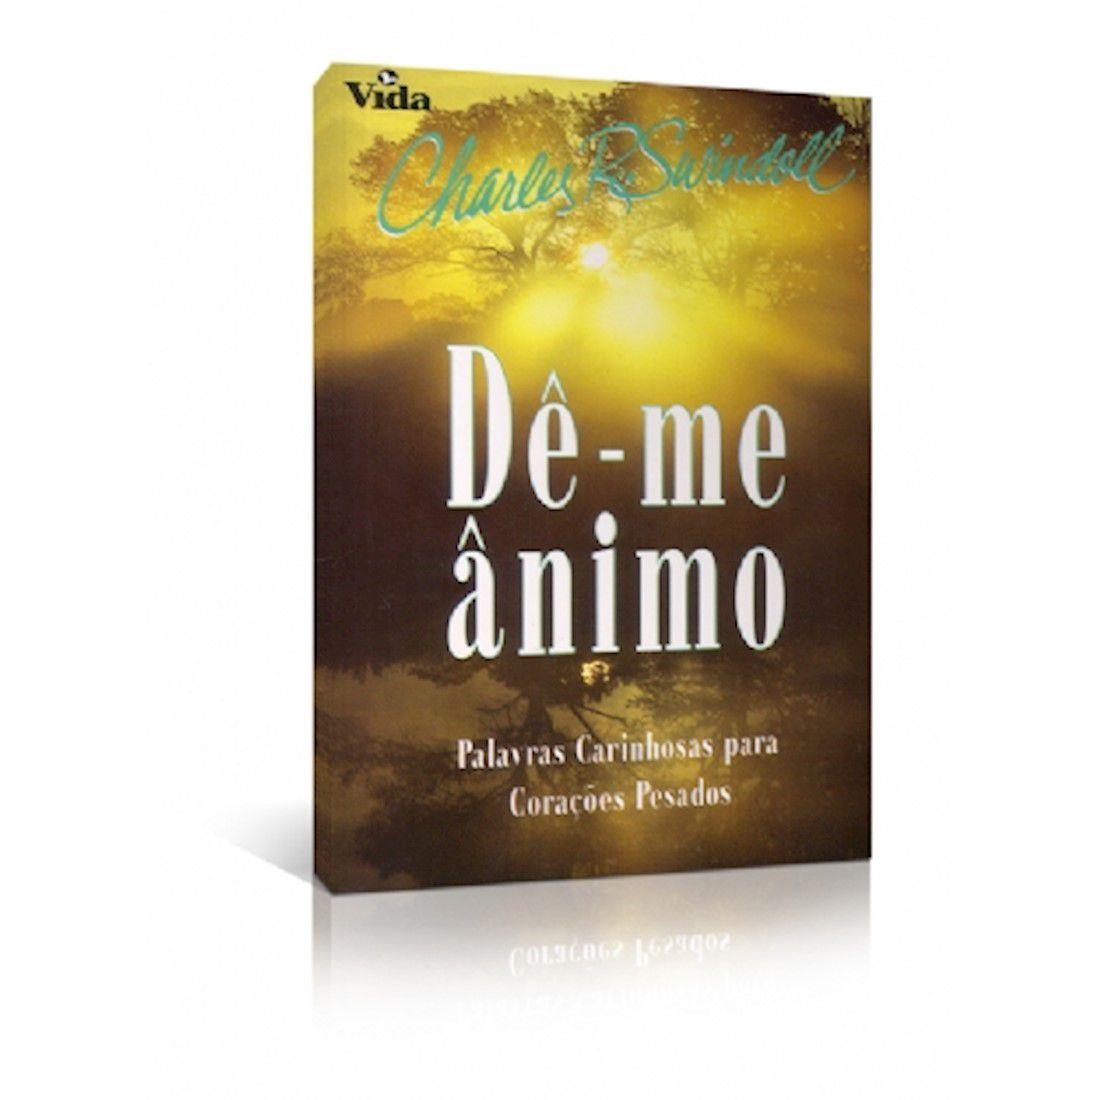 Livro Dê-me Ânimo